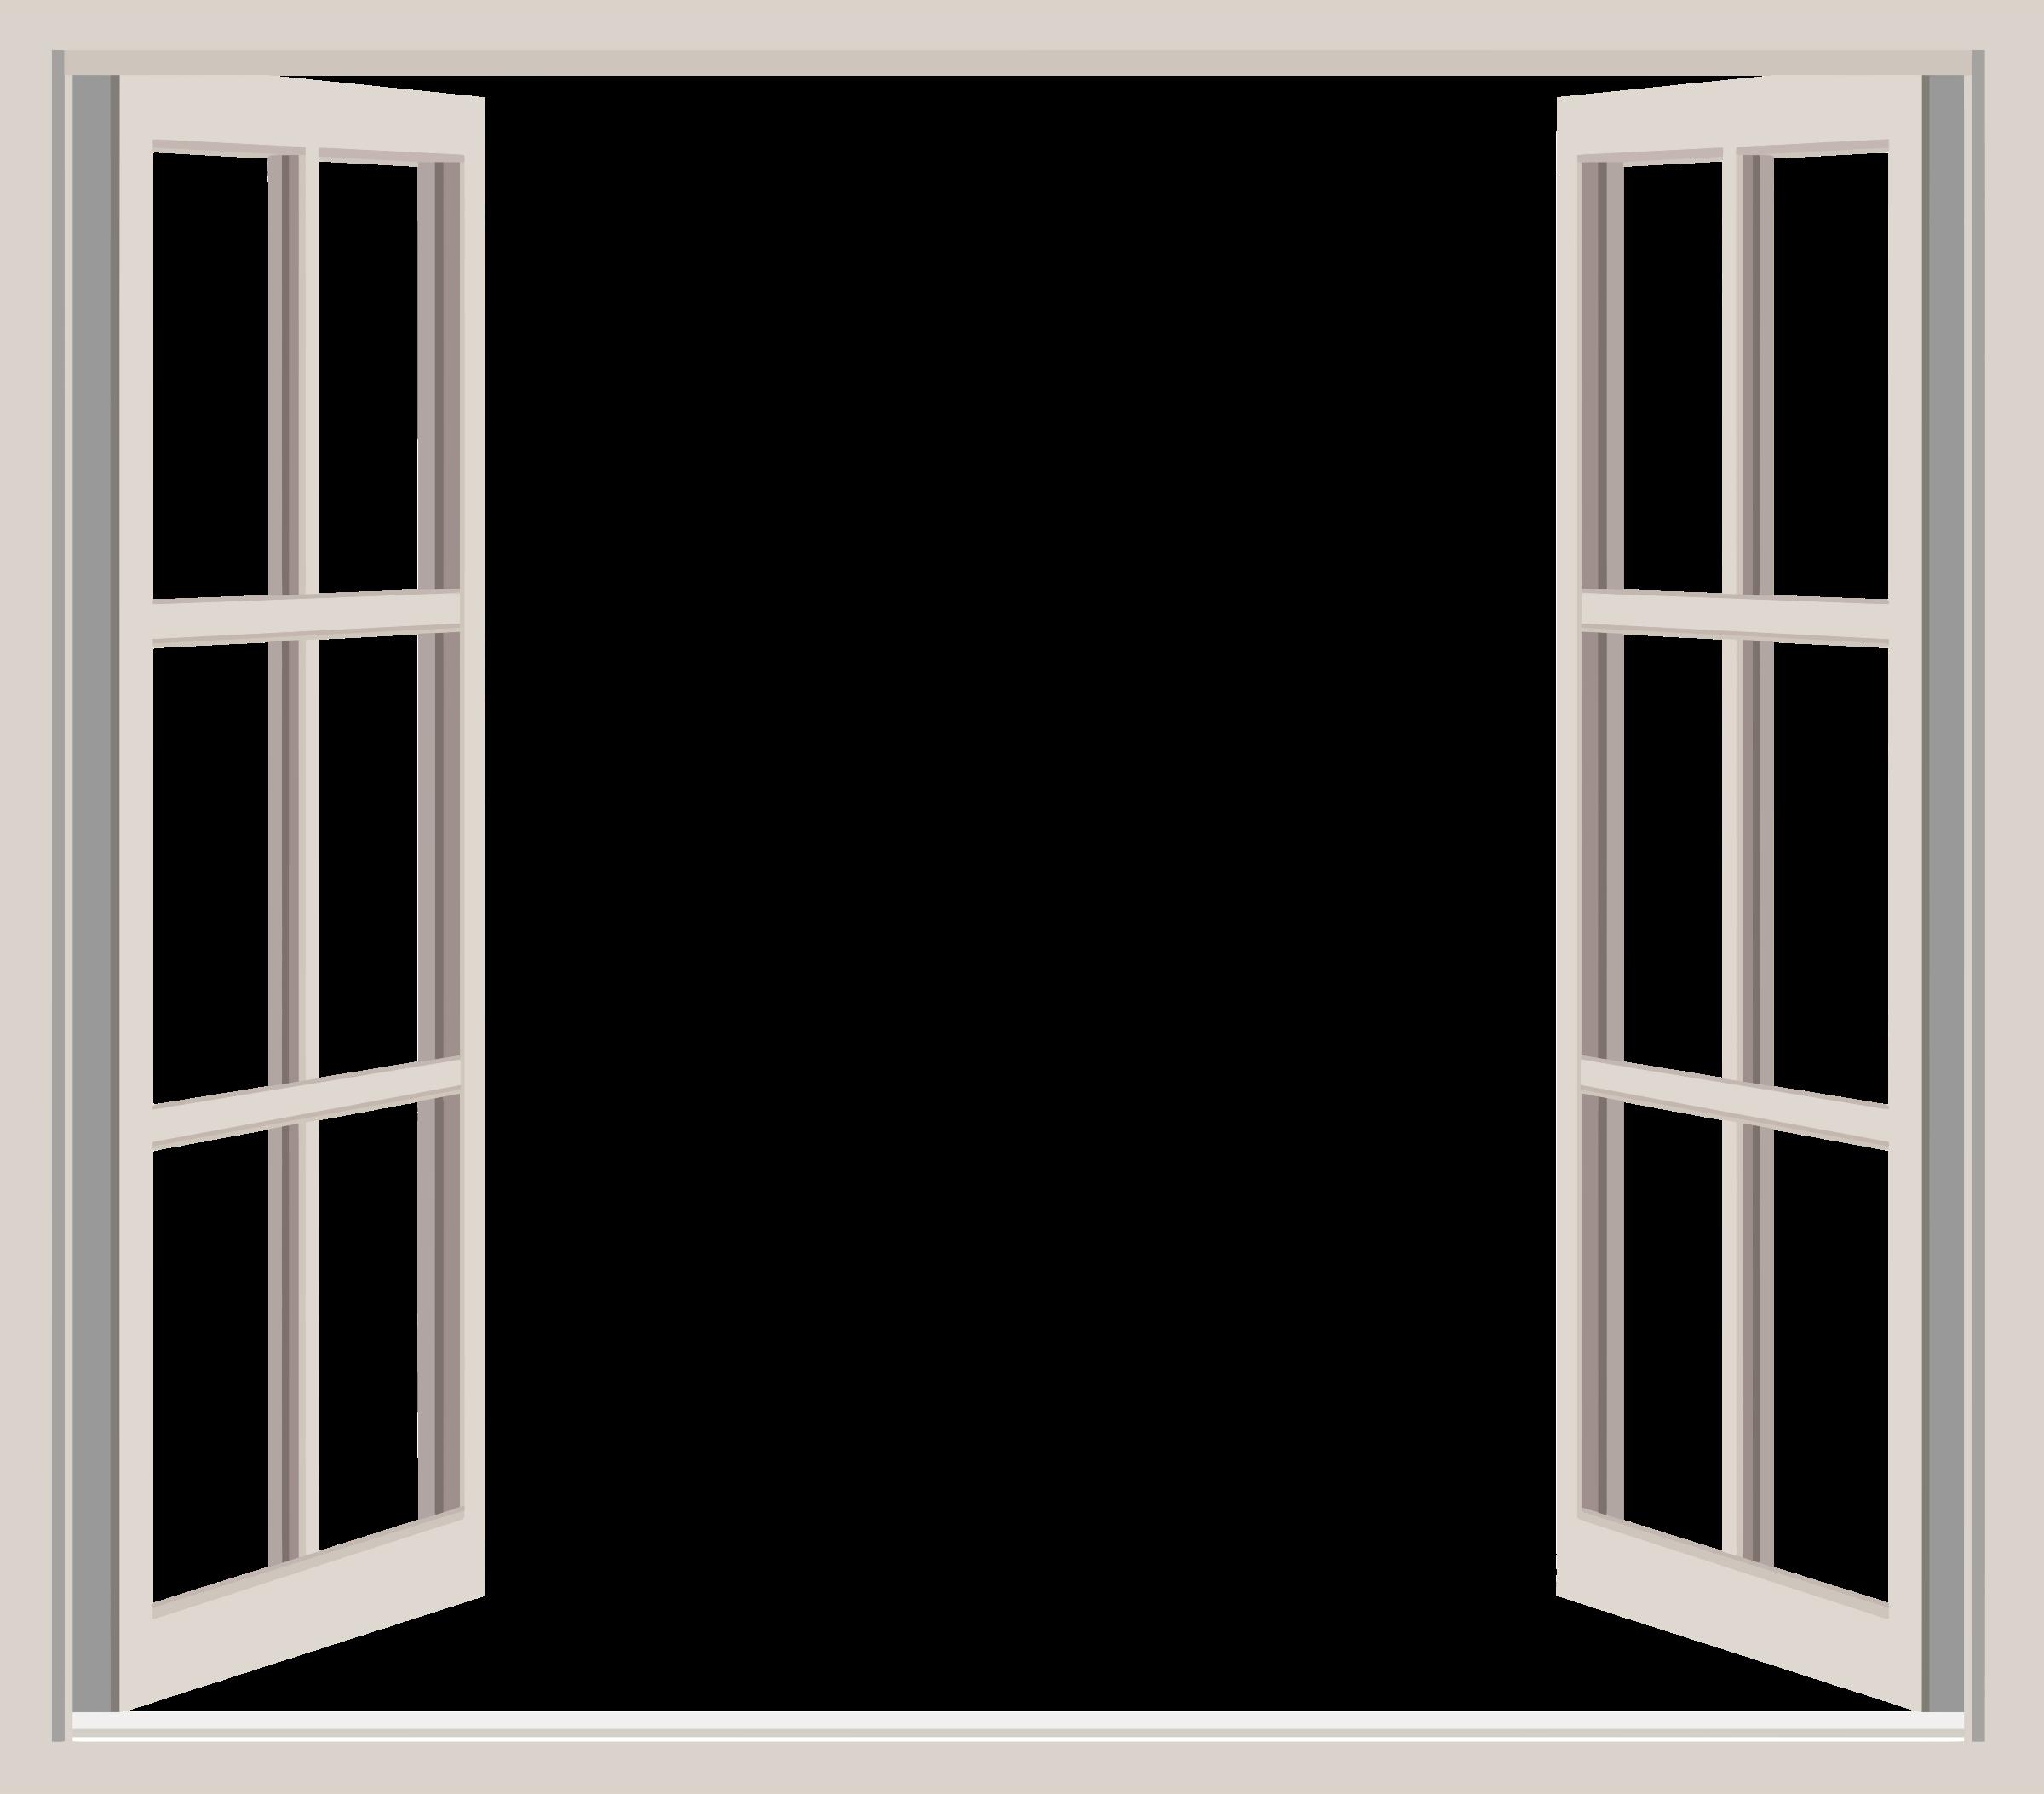 white Opened window